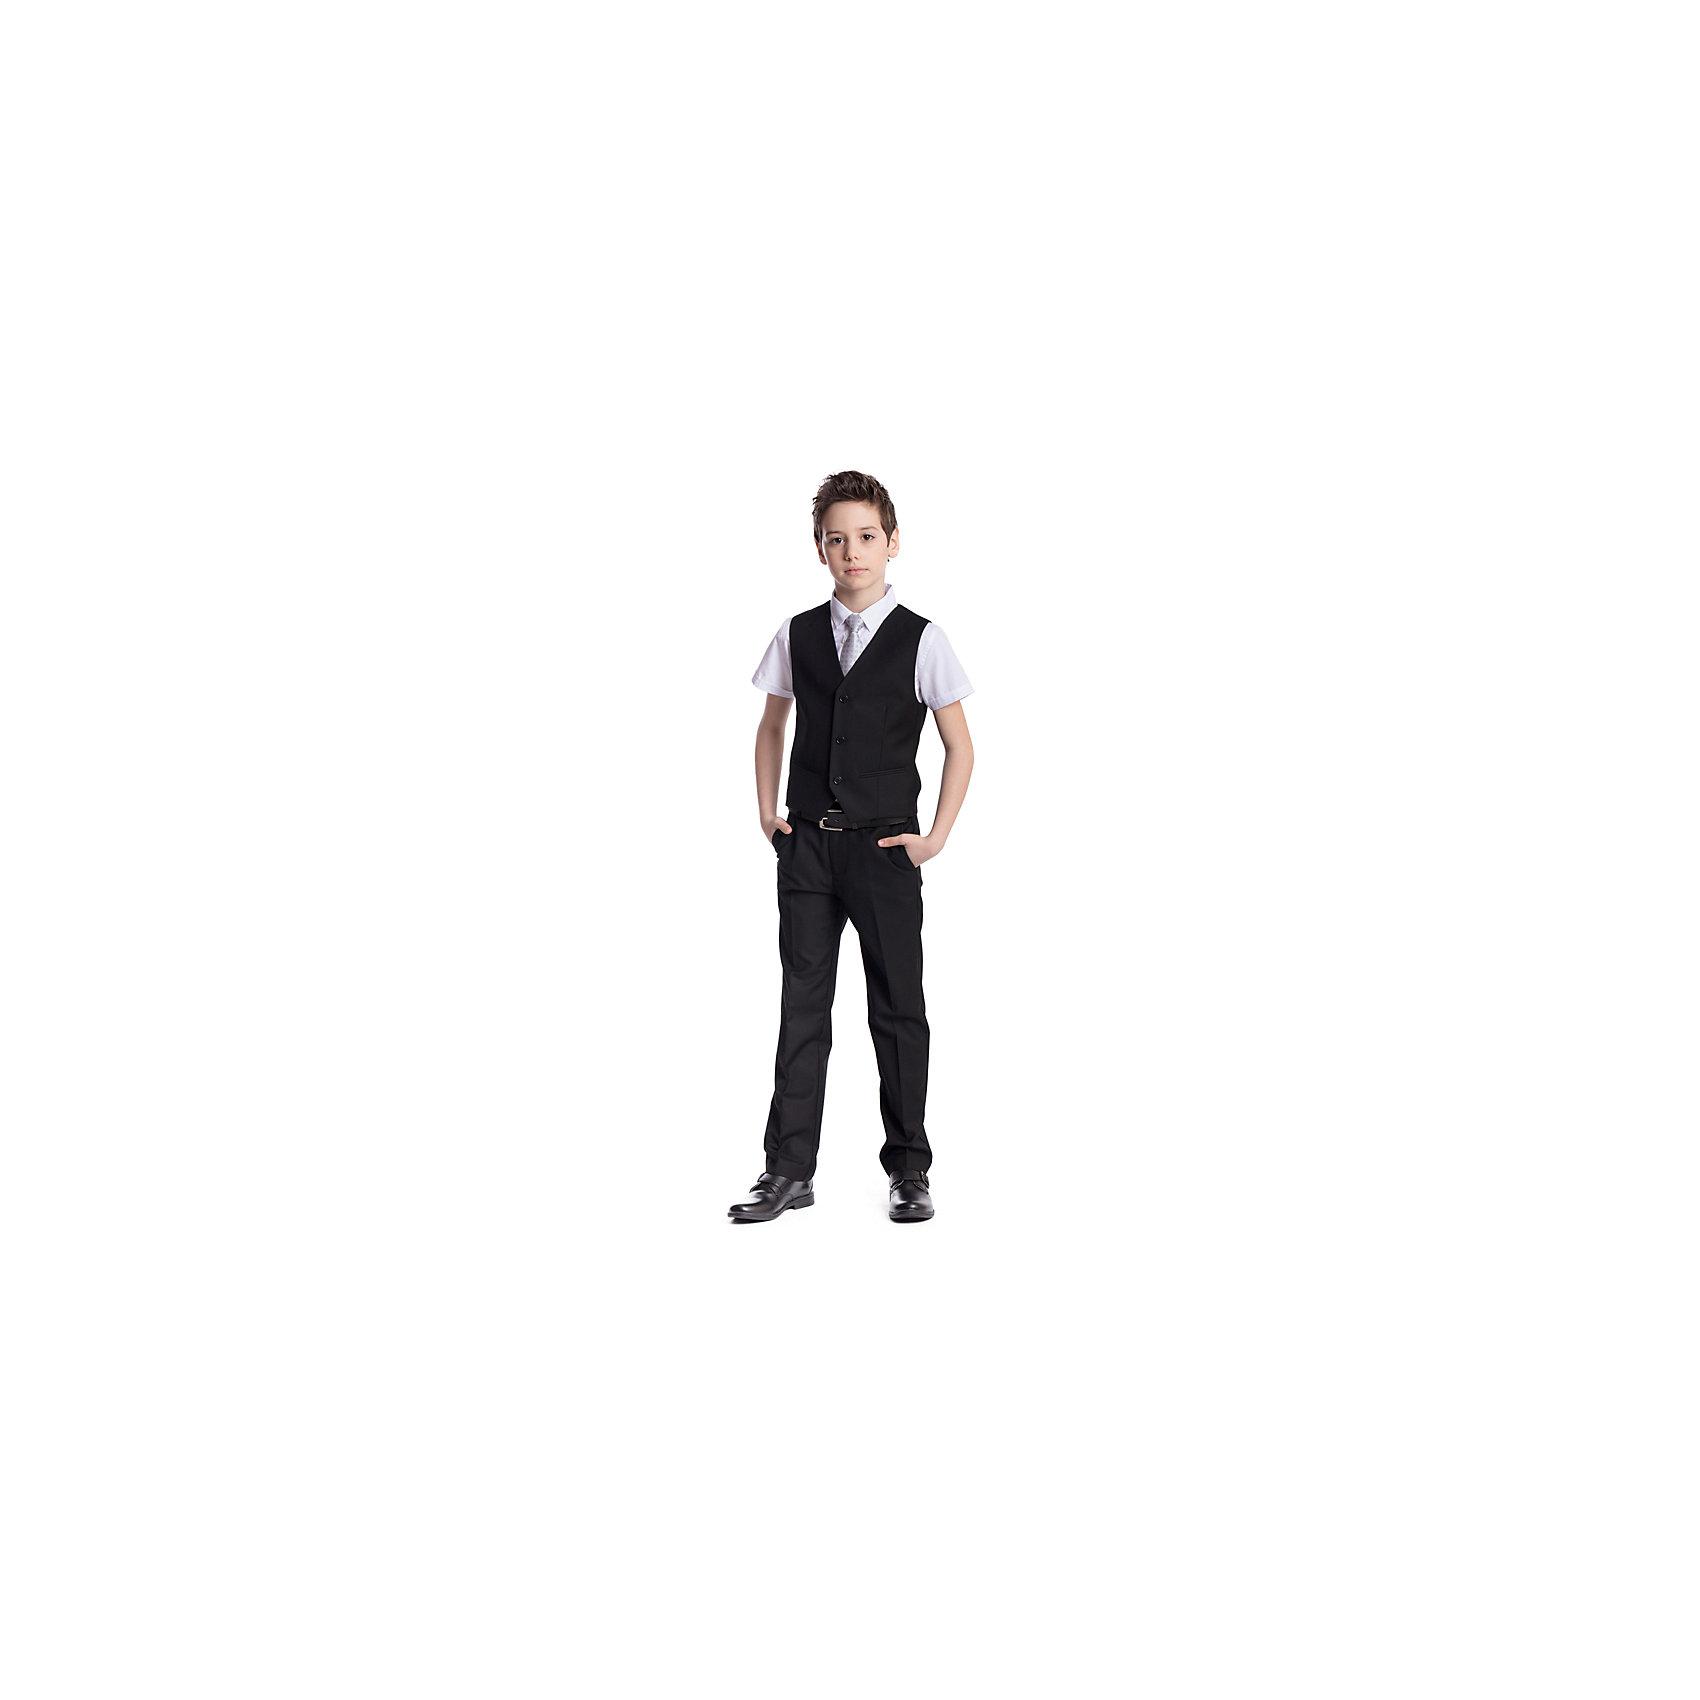 Комплект  для мальчика: брюки, жилет ScoolКостюмы и пиджаки<br>Комплект  для мальчика: брюки, жилет Scool<br>Удобный практичный комплект из жилета и брюк в деловом стиле сможет быть как школьной формой, так и одеждой для официальных мероприятий.  Лекало этой модели полностью повторяет лекало модели для взрослого мужчины. Регулируемый ремешок на спинке жилета позволяет изделию хорошо сесть по фигуре. Брюки со стрелками; на внутренней стороне пояса предусмотрена регулировка по талии за счет удобной резинки на пуговицах.Преимущества: Жилет на подкладке из атласной тканиБрюки со шлевками, при необходимости можно использовать ремень<br>Состав:<br>Верх: 65% полиэстер, 35% вискоза, Подкладка: 65% полиэстер 35% вискоза<br><br>Ширина мм: 215<br>Глубина мм: 88<br>Высота мм: 191<br>Вес г: 336<br>Цвет: черный<br>Возраст от месяцев: 156<br>Возраст до месяцев: 168<br>Пол: Мужской<br>Возраст: Детский<br>Размер: 164,122,128,134,140,146,152,158<br>SKU: 6754408